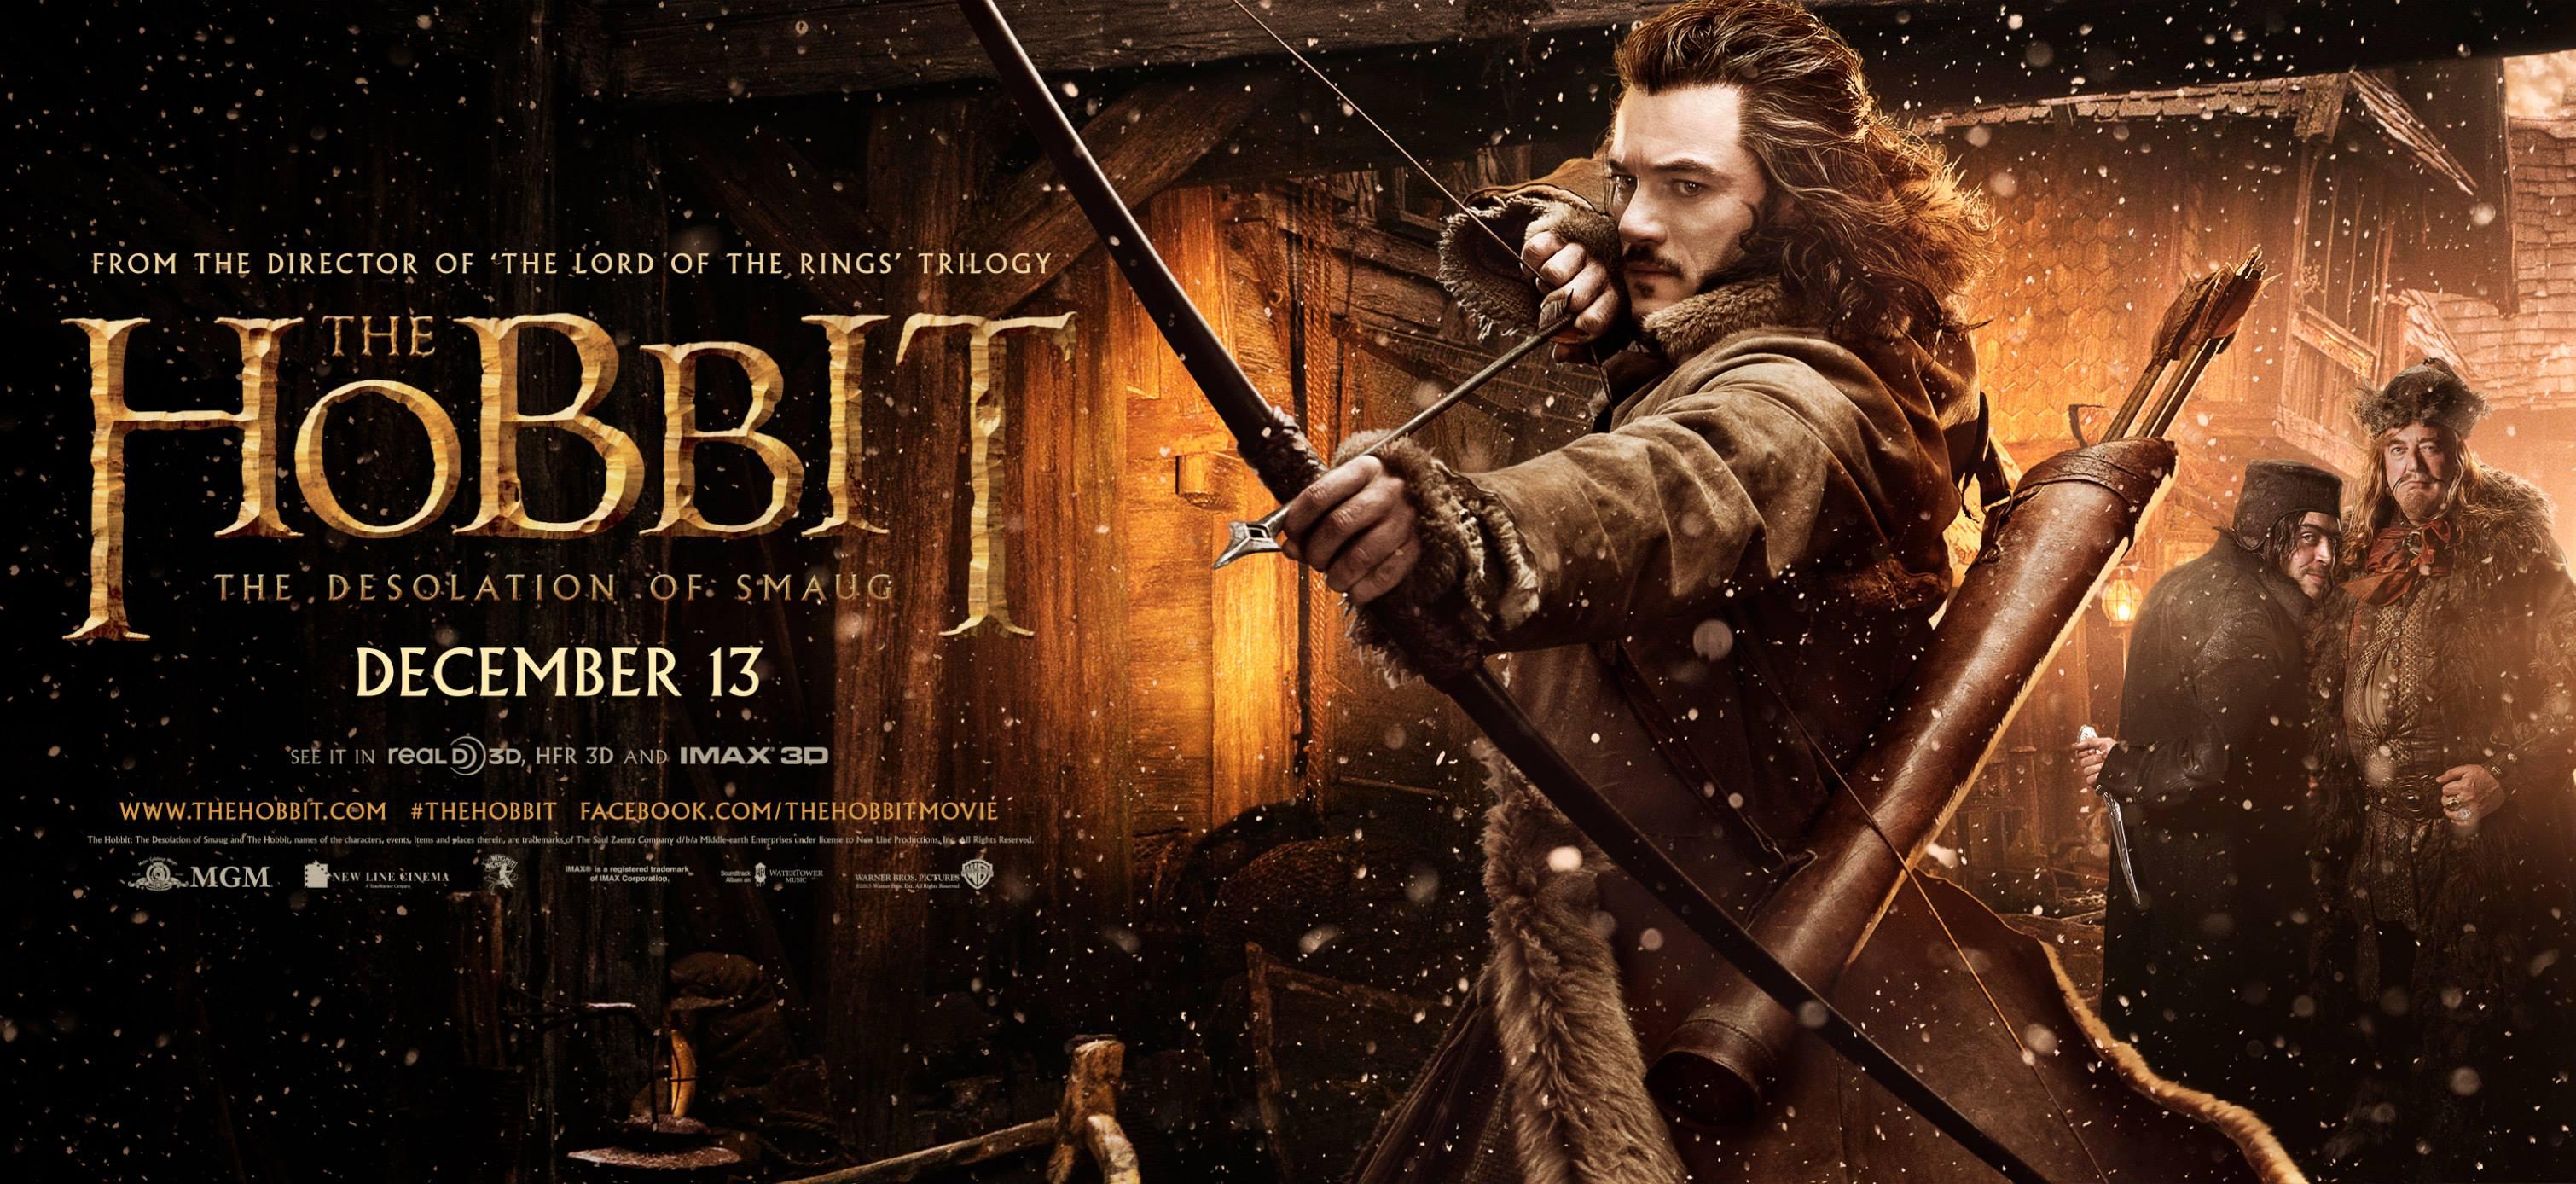 hobbit-Smaug-Bard